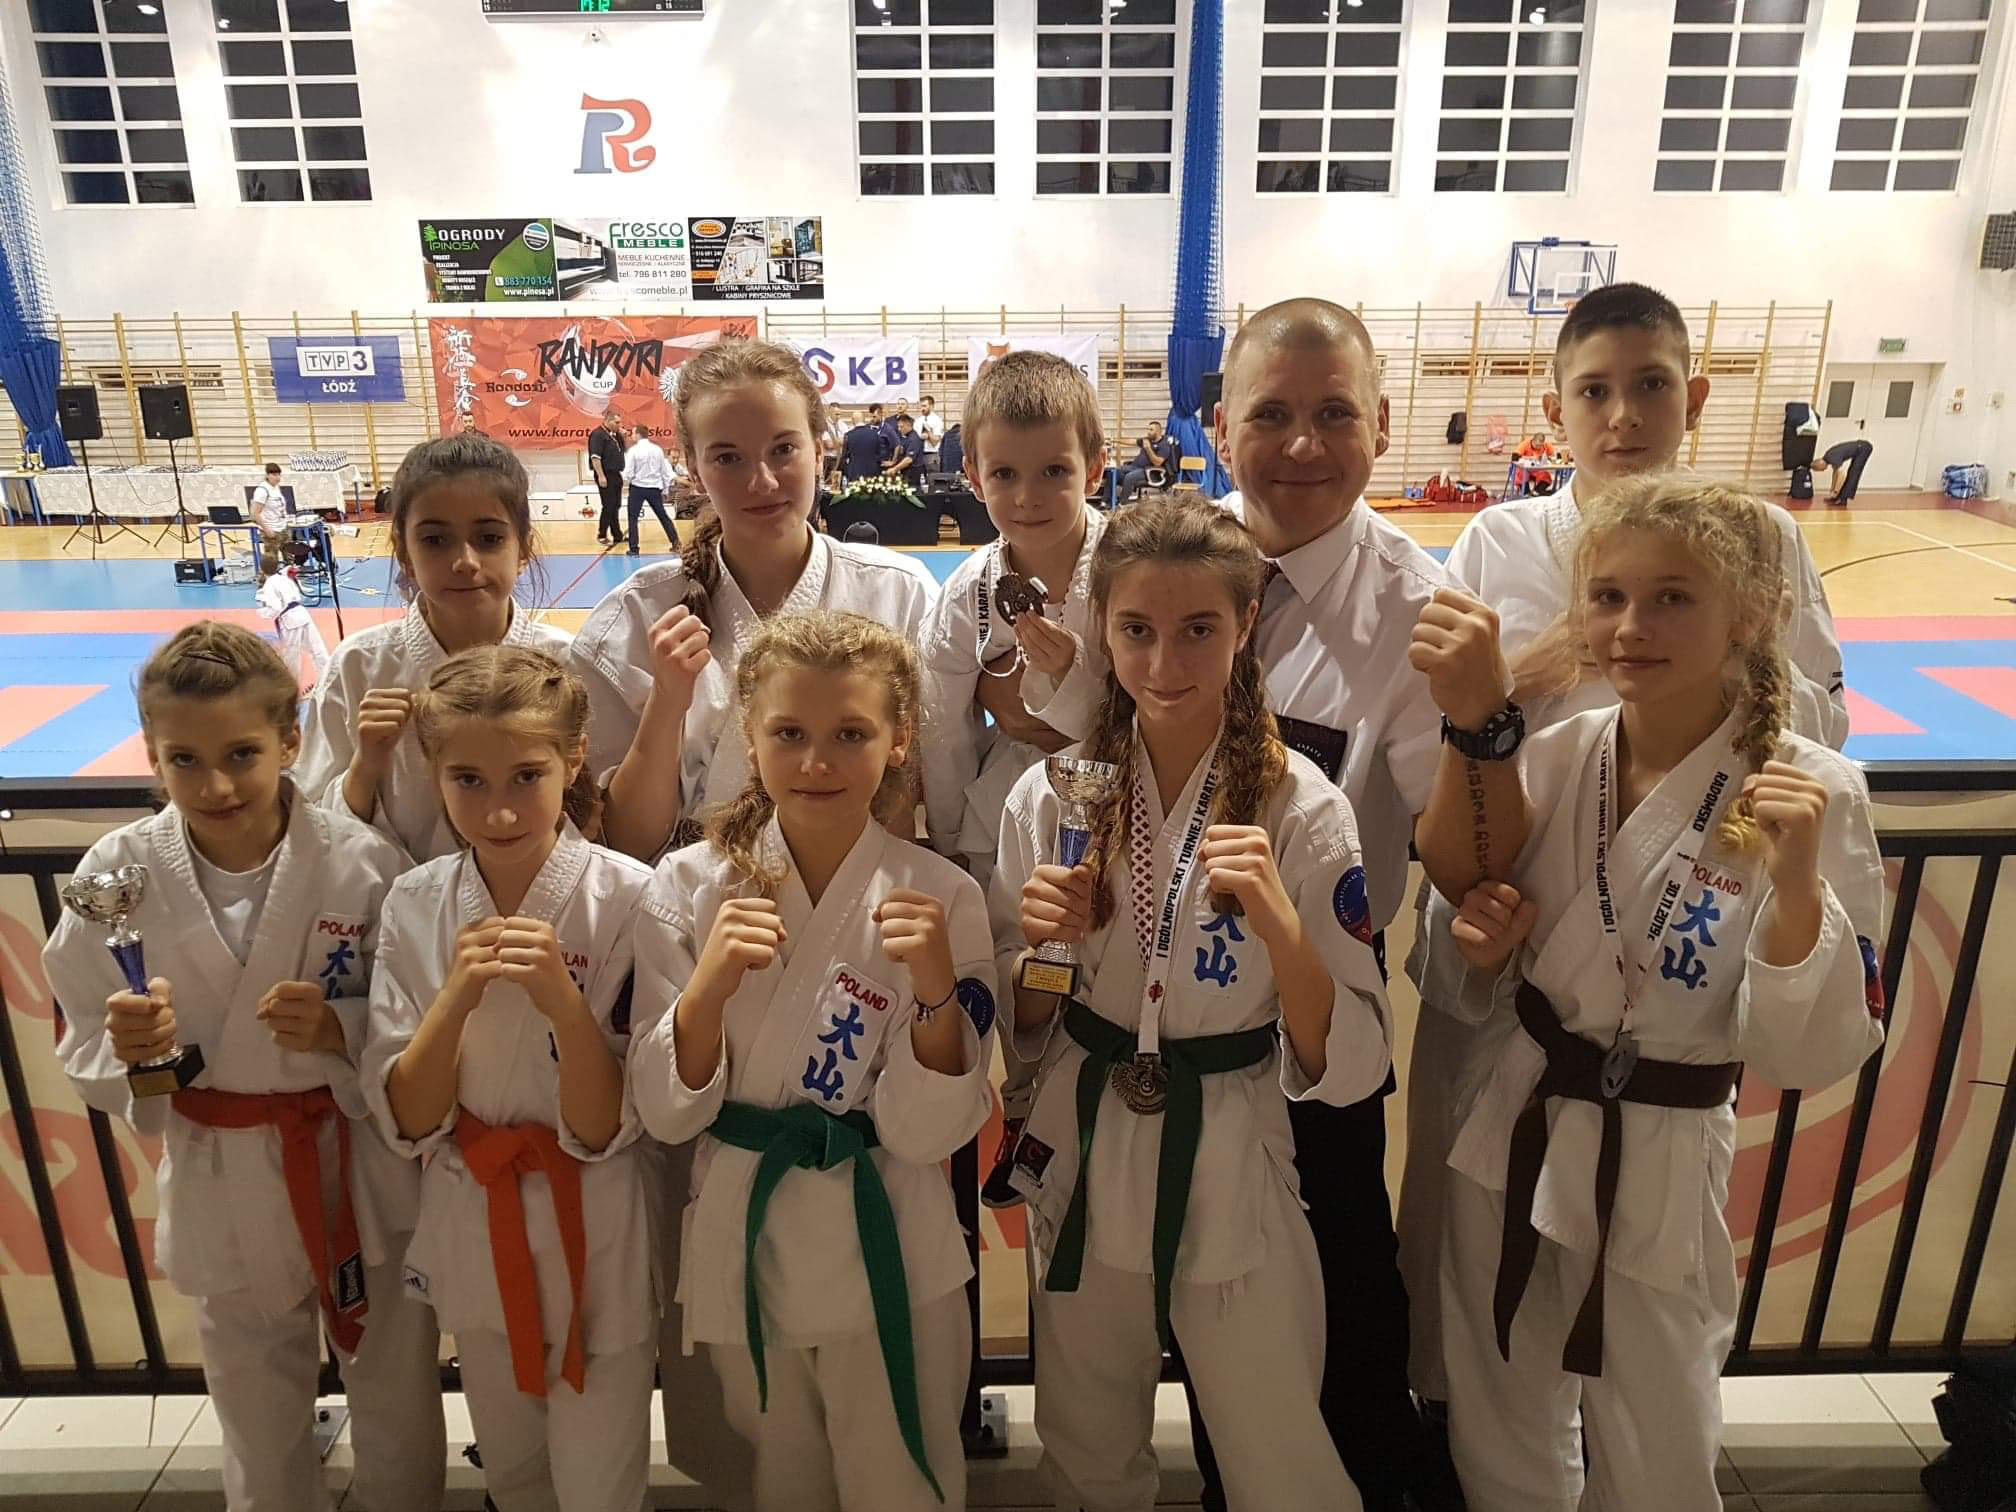 Podczas ogólnopolskich zawodów w Radomsku reprezentanci Oświęcimskiego Klubu Karate wywalczyli aż osiem medali. Fot. zbiory OKK/nadesłane